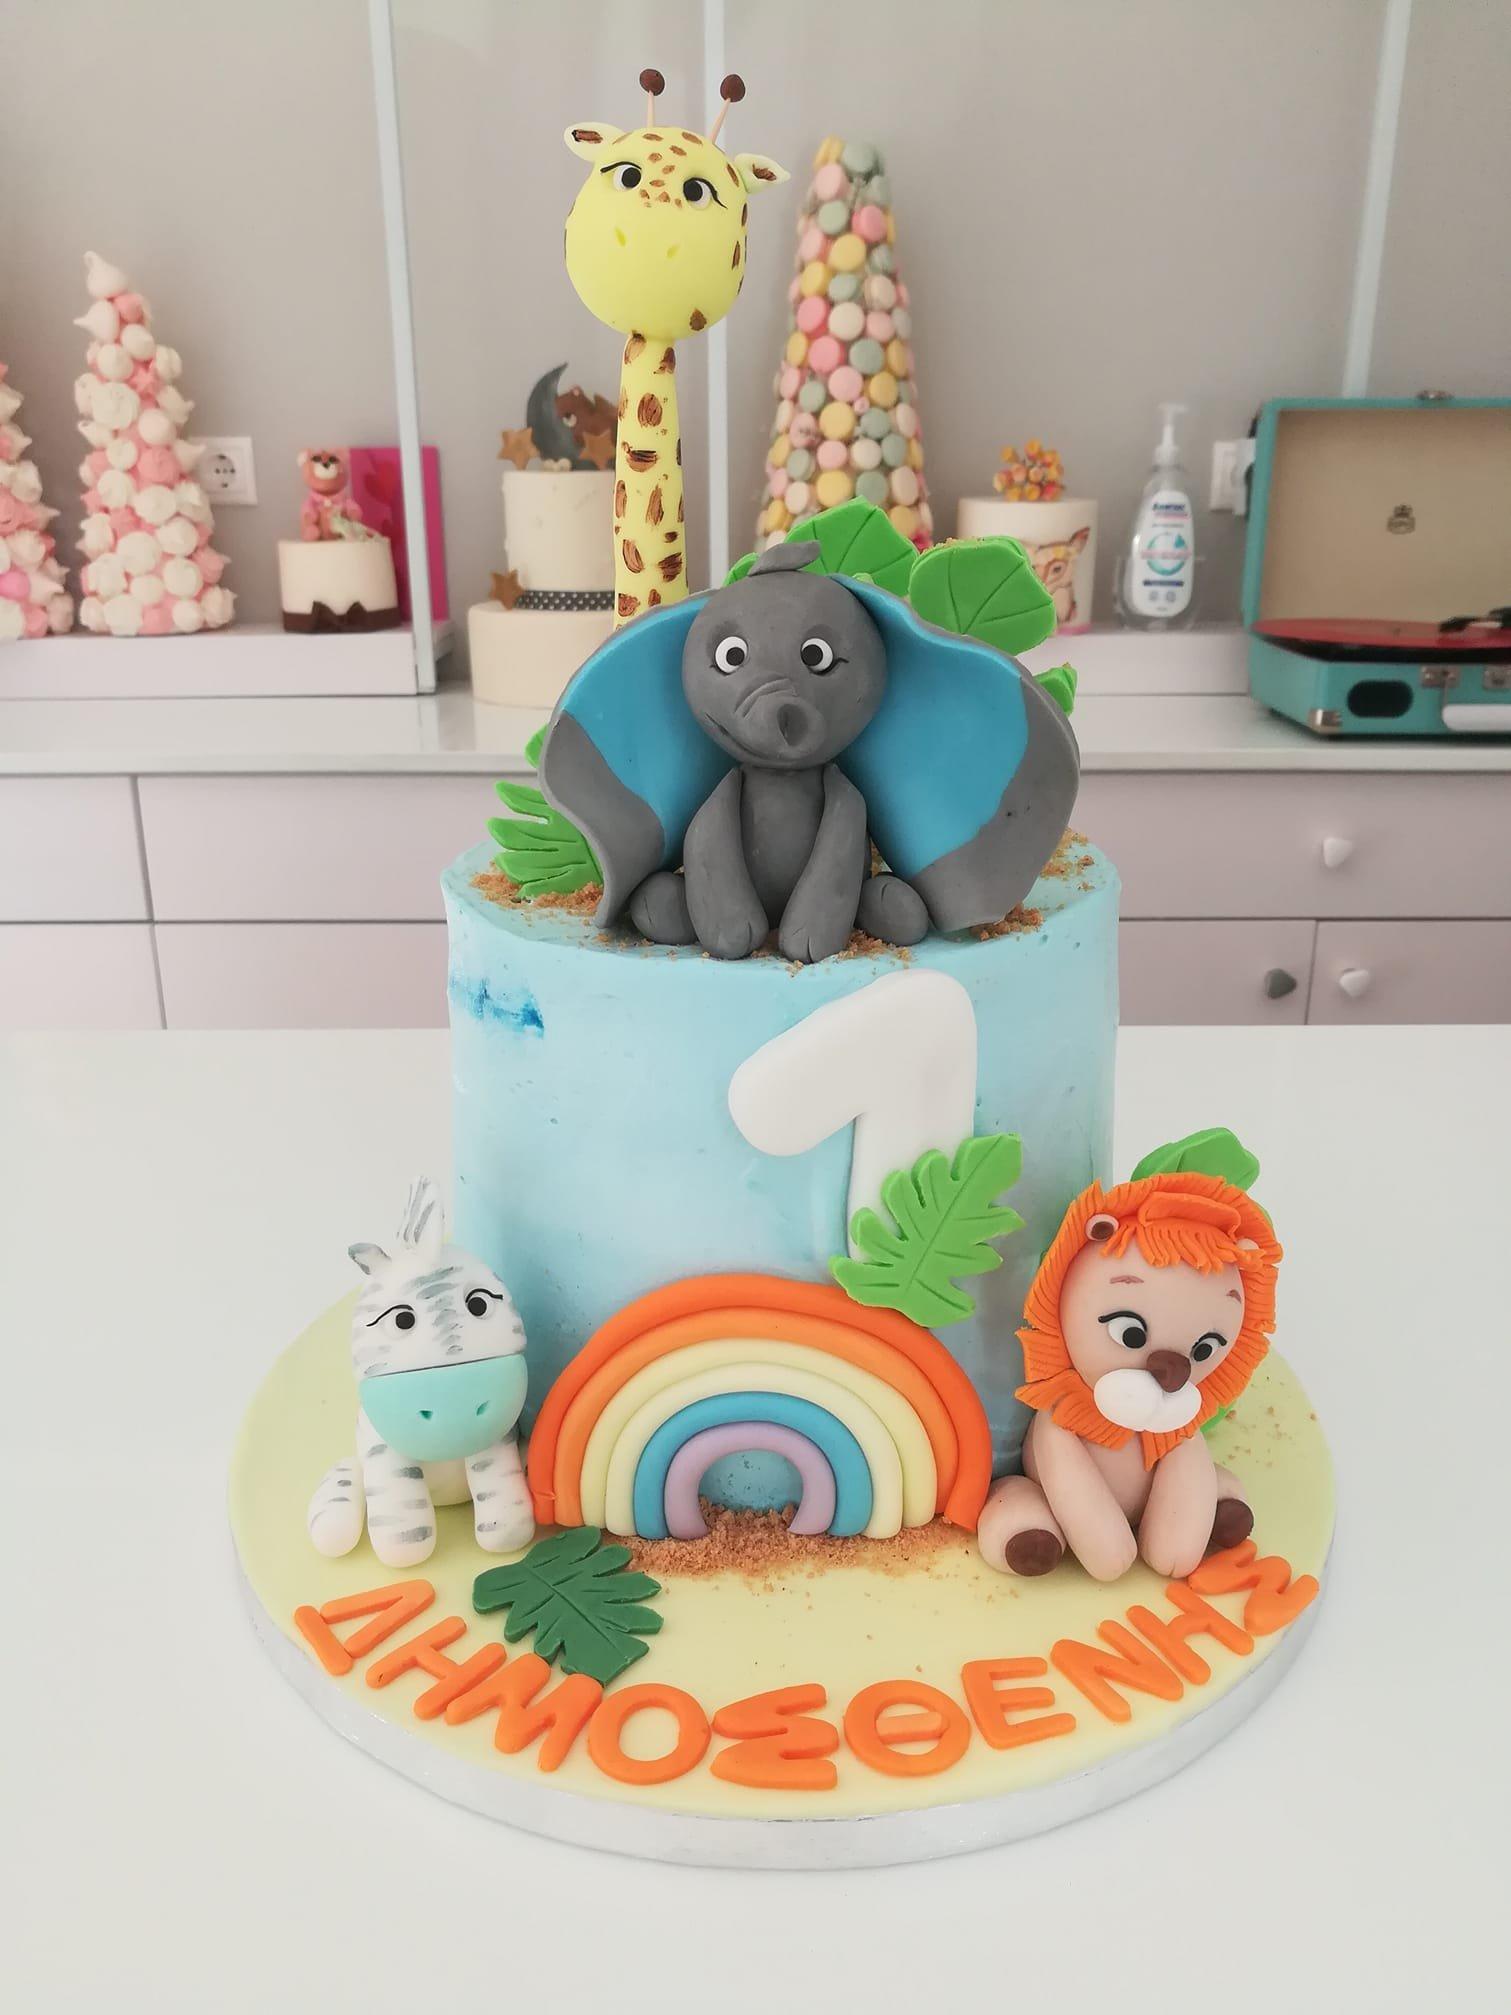 τούρτα από ζαχαρόπαστα jungle baby animals cake themed cake, Ζαχαροπλαστεία στη Καλαμάτα madame charlotte, τούρτες γεννεθλίων γάμου βάπτησης παιδικές θεματικές birthday theme party cake 2d 3d confectionery patisserie kalamata